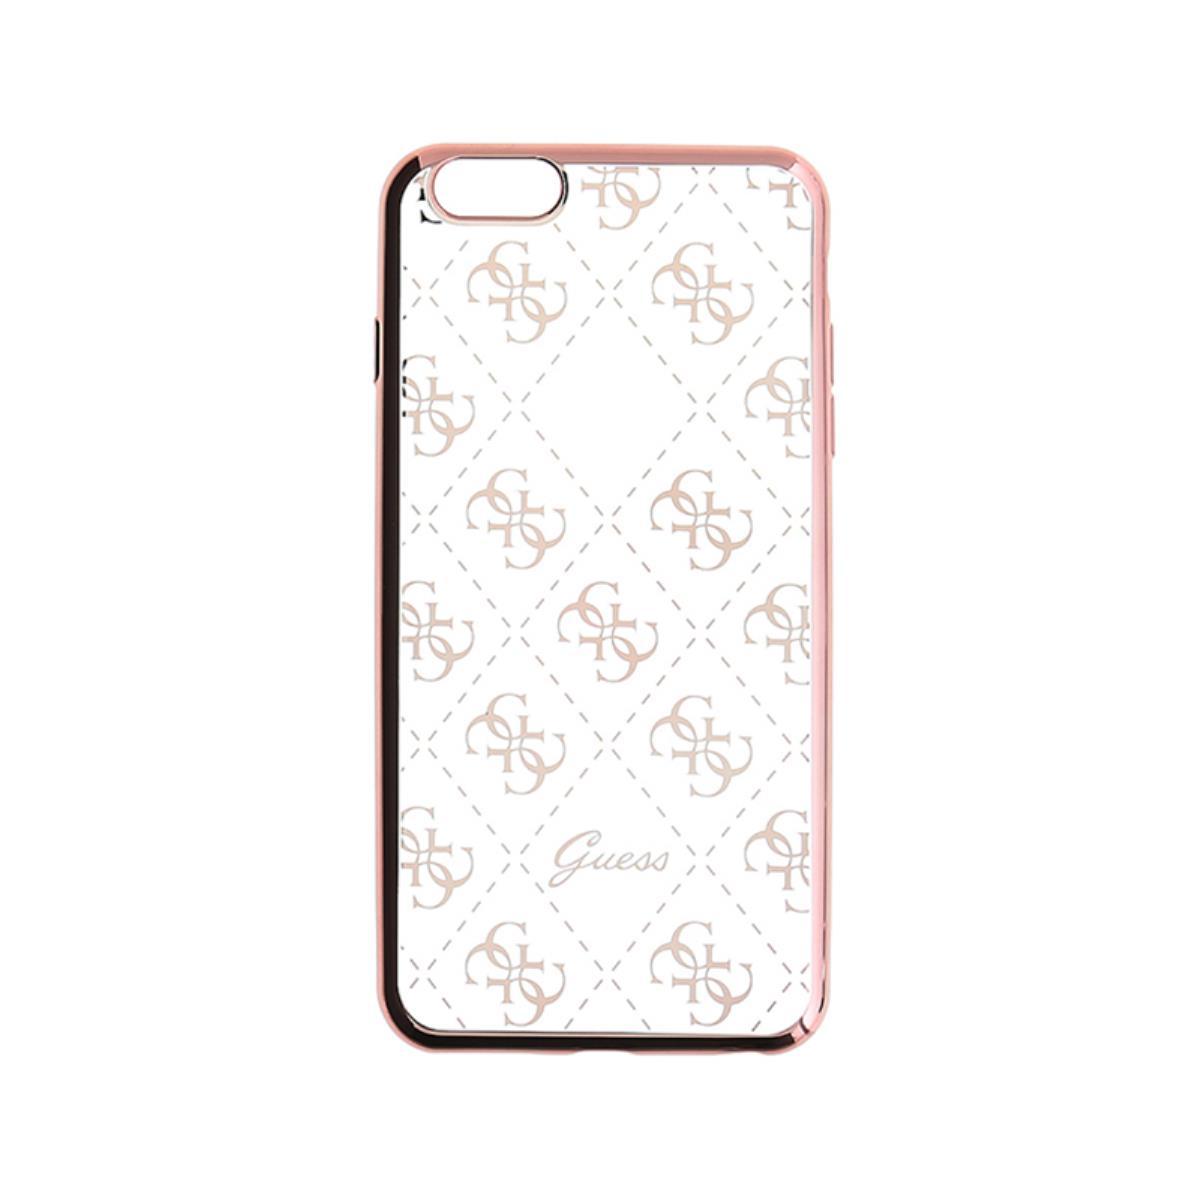 960353acd40 Compre online Funda Silicona Guess iPhone 5/SE Rosa Dorado (GUHCPSETR4GRG)